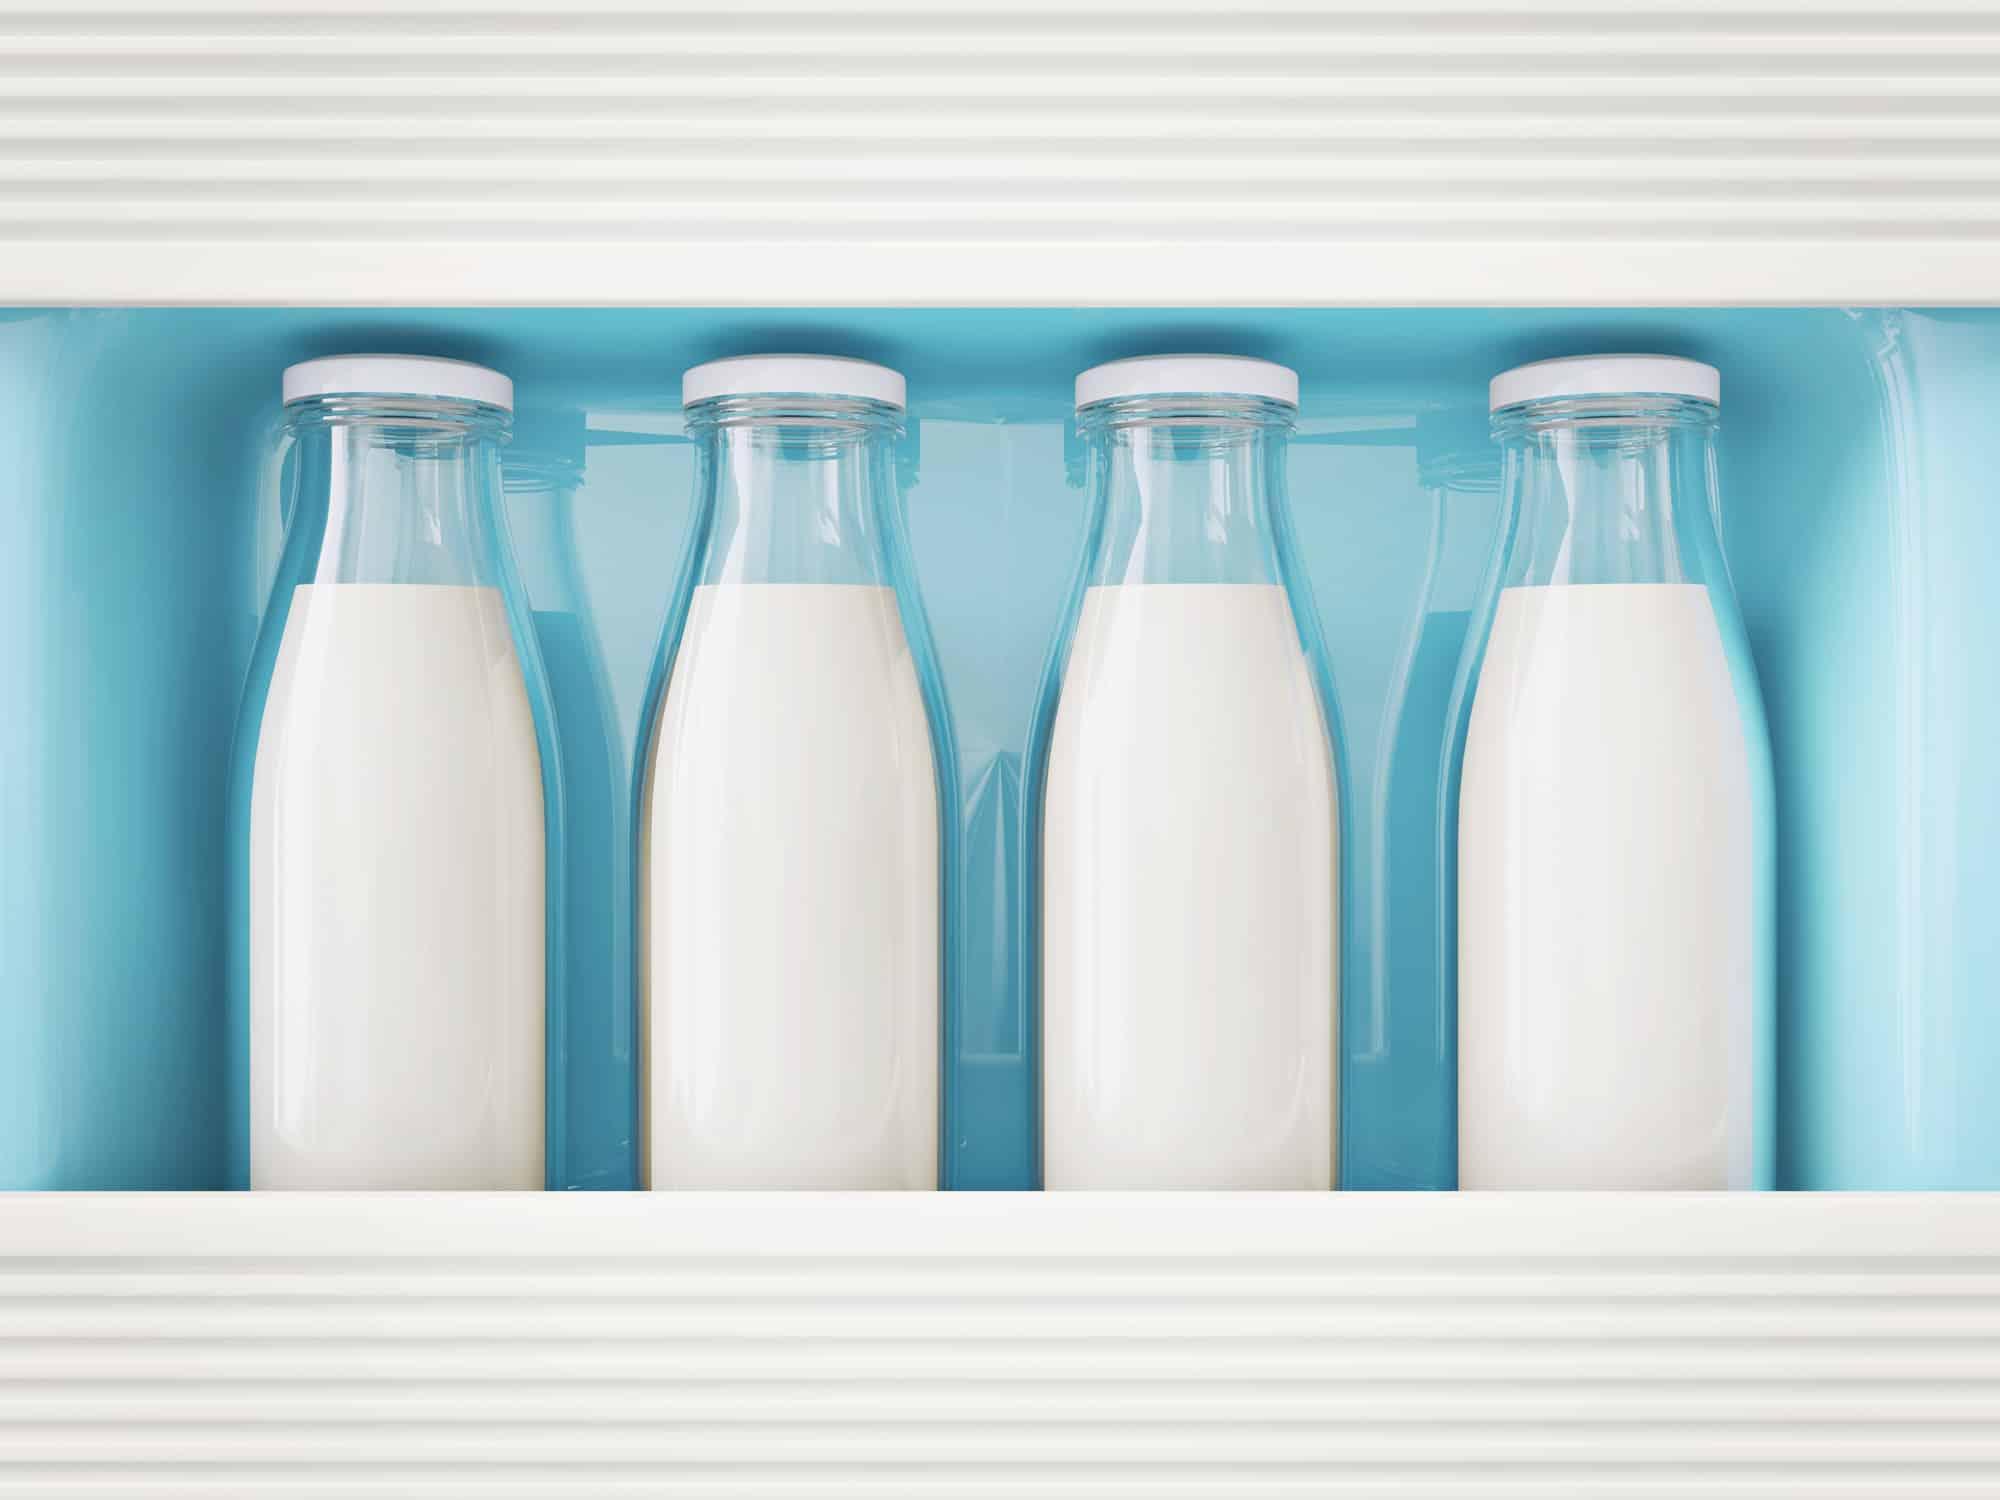 milk in glass bottle stay in a refrigerator